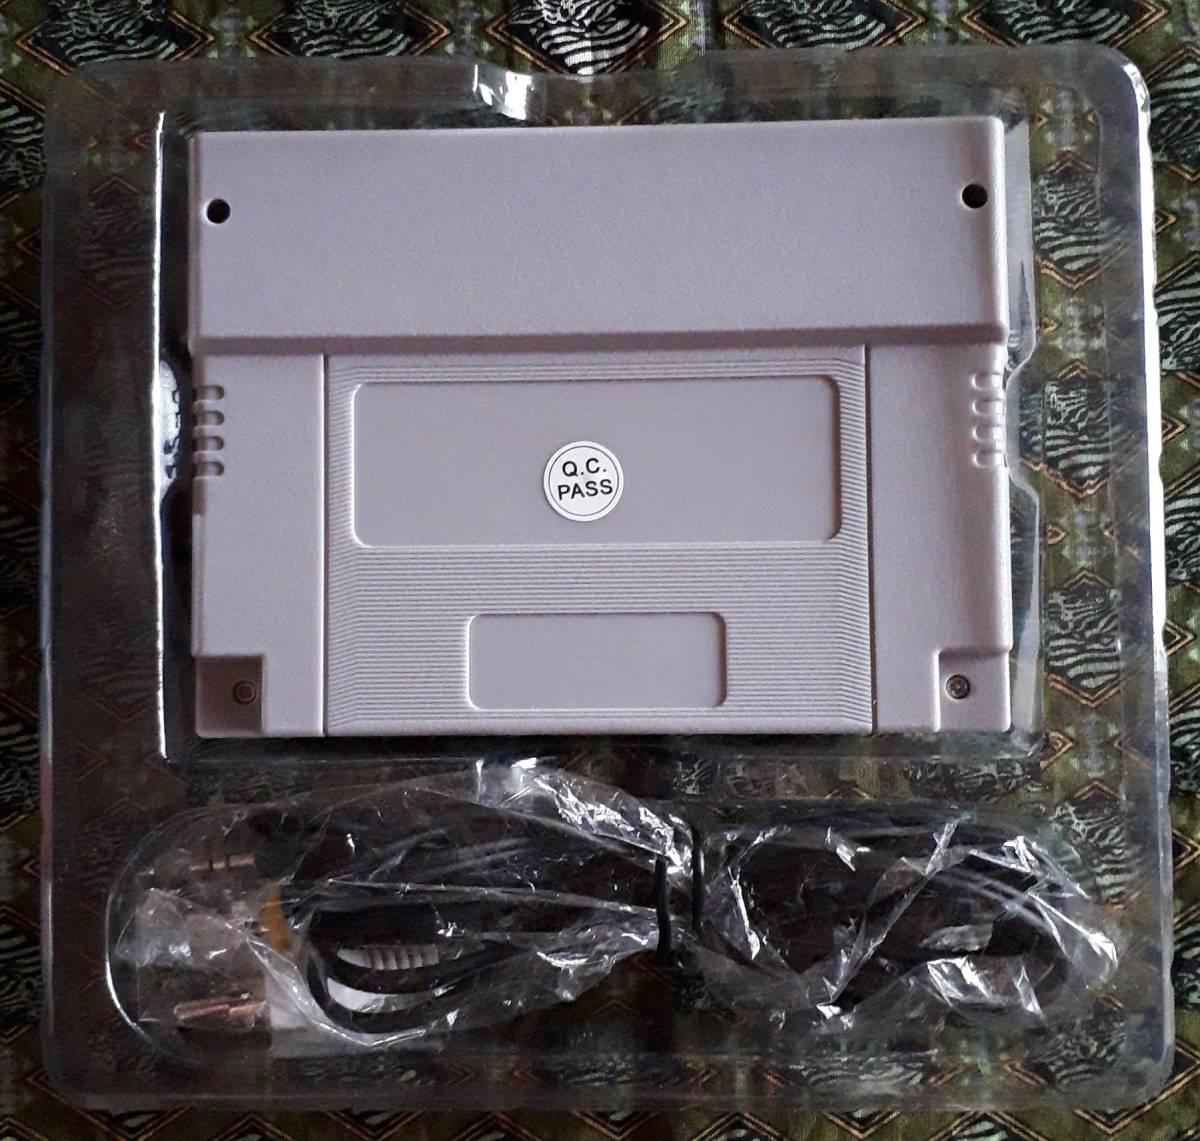 16ビットポケット HDMI用 FC用拡張コンバーター  スーパーファミコン本体でも使用できます_画像4